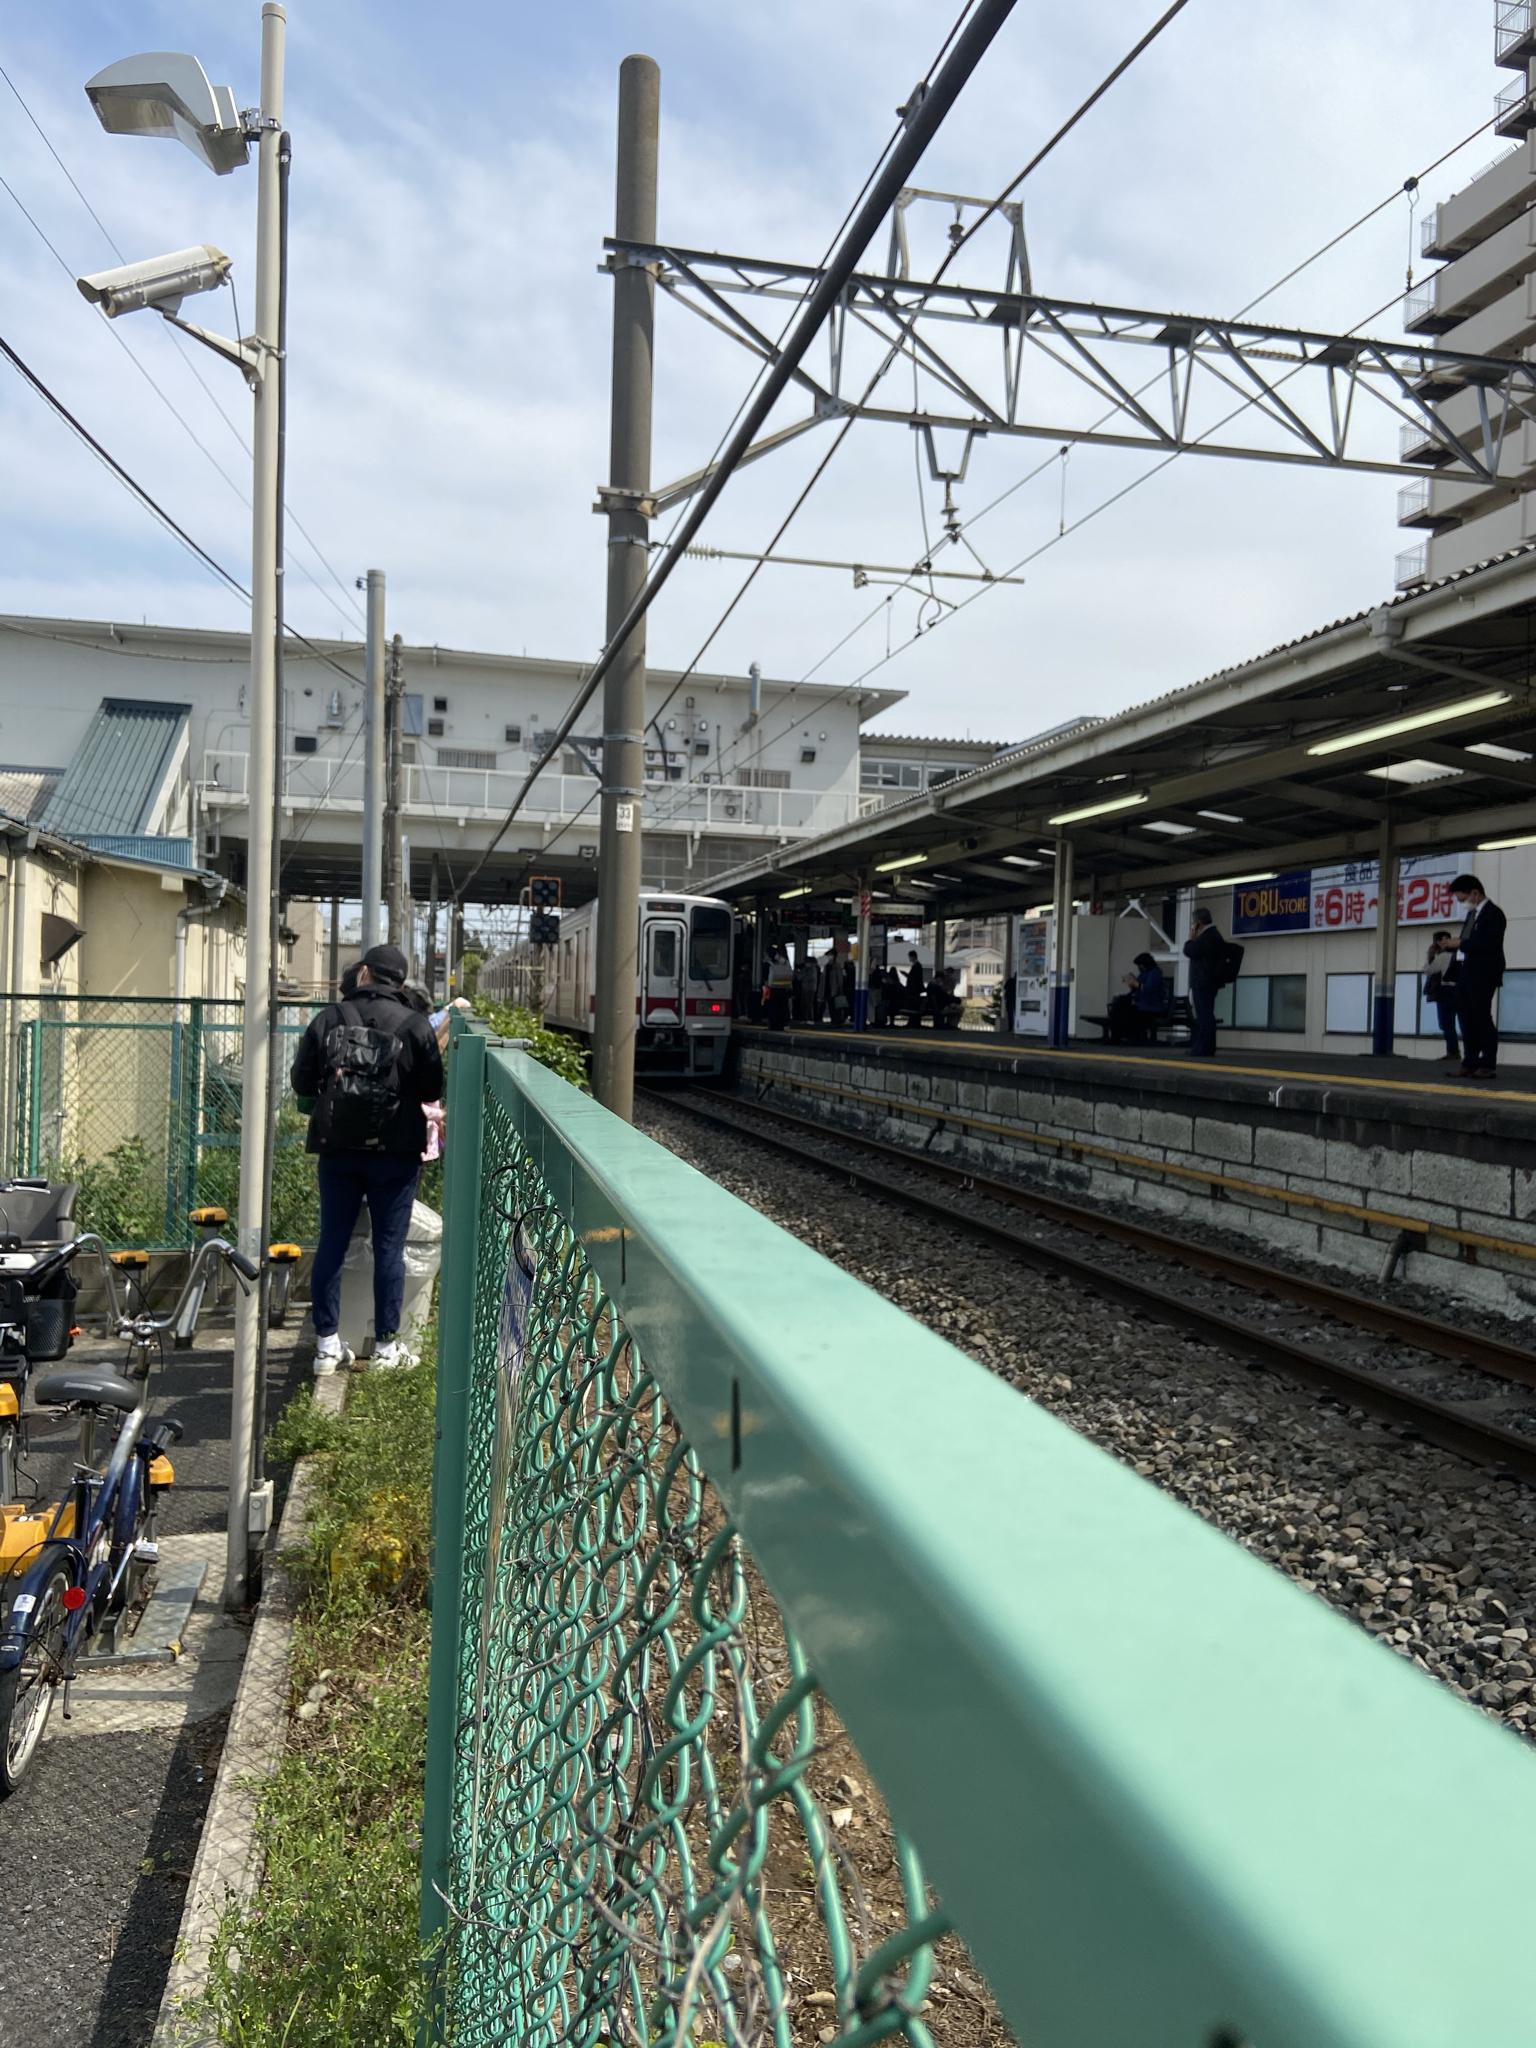 鶴瀬駅で人身事故が起きた当該列車の画像